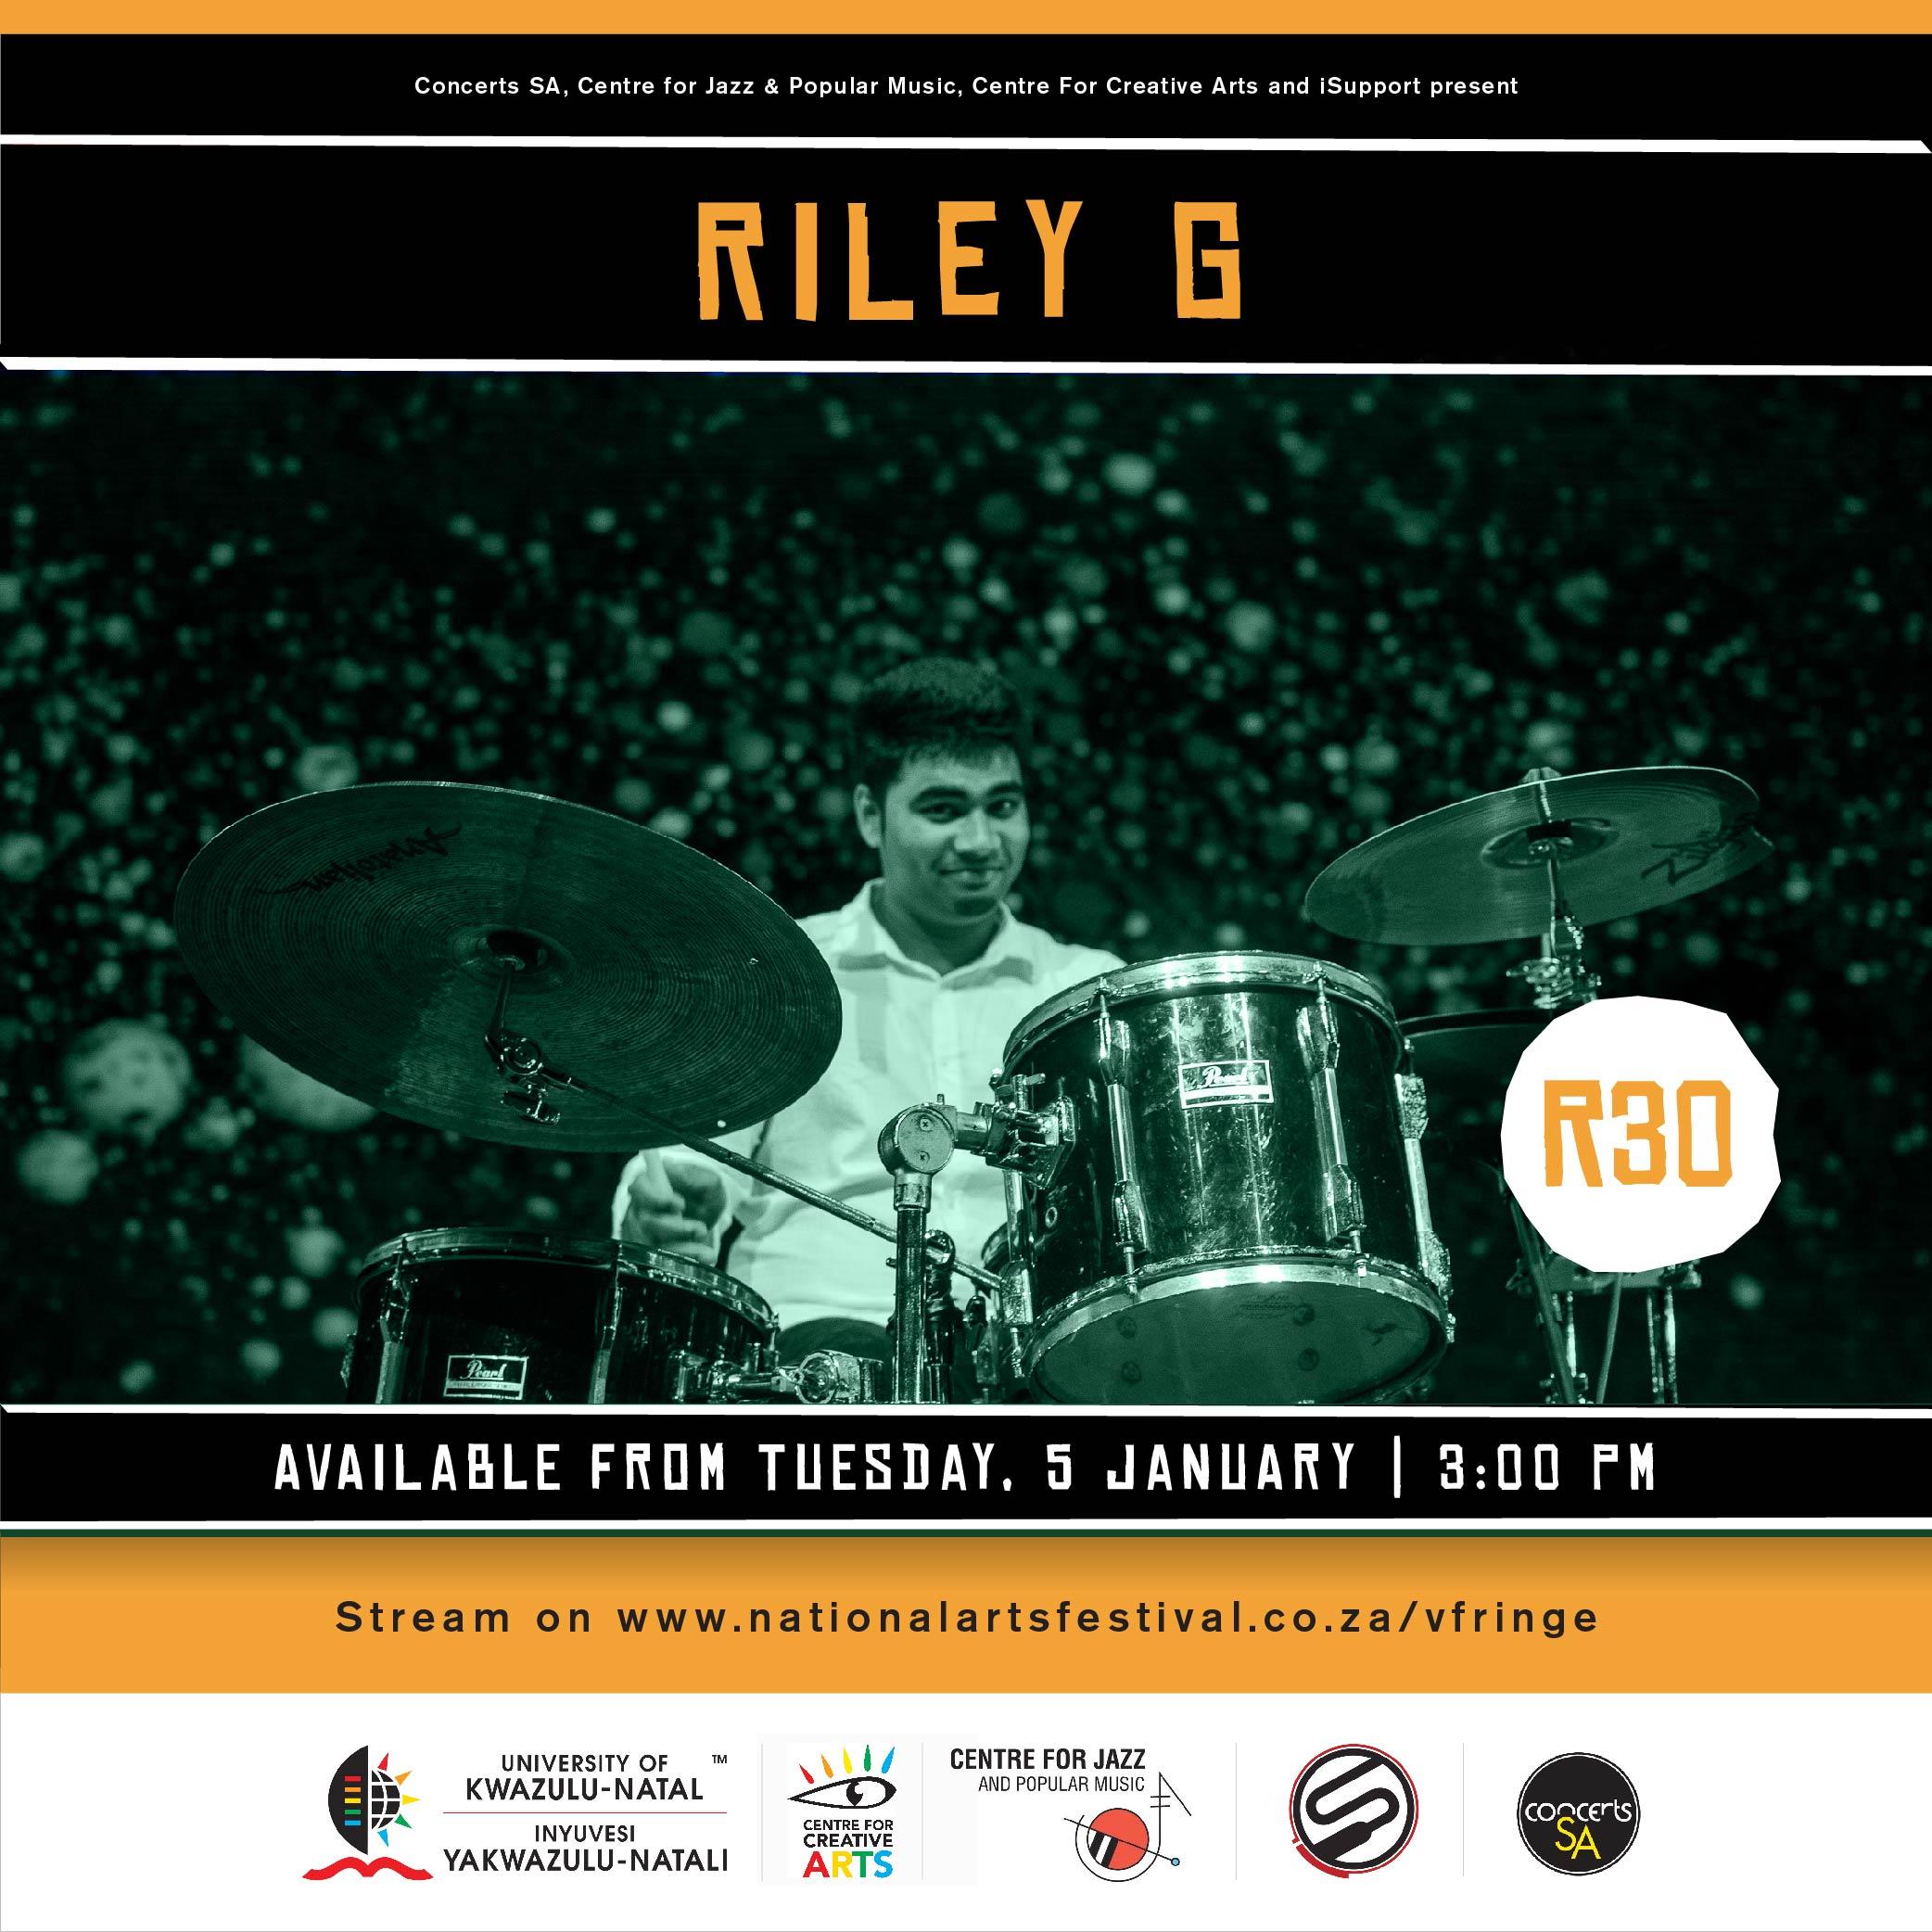 Riley G